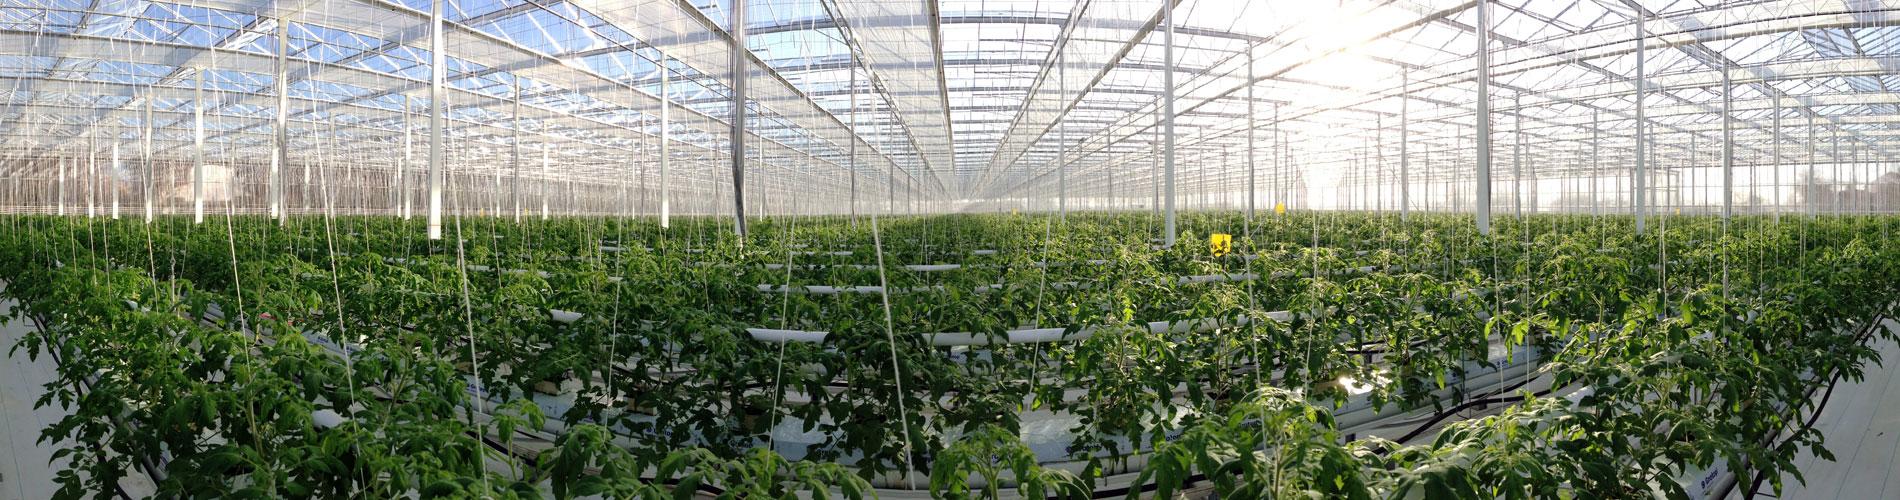 Production de tomates et concombres sous serre